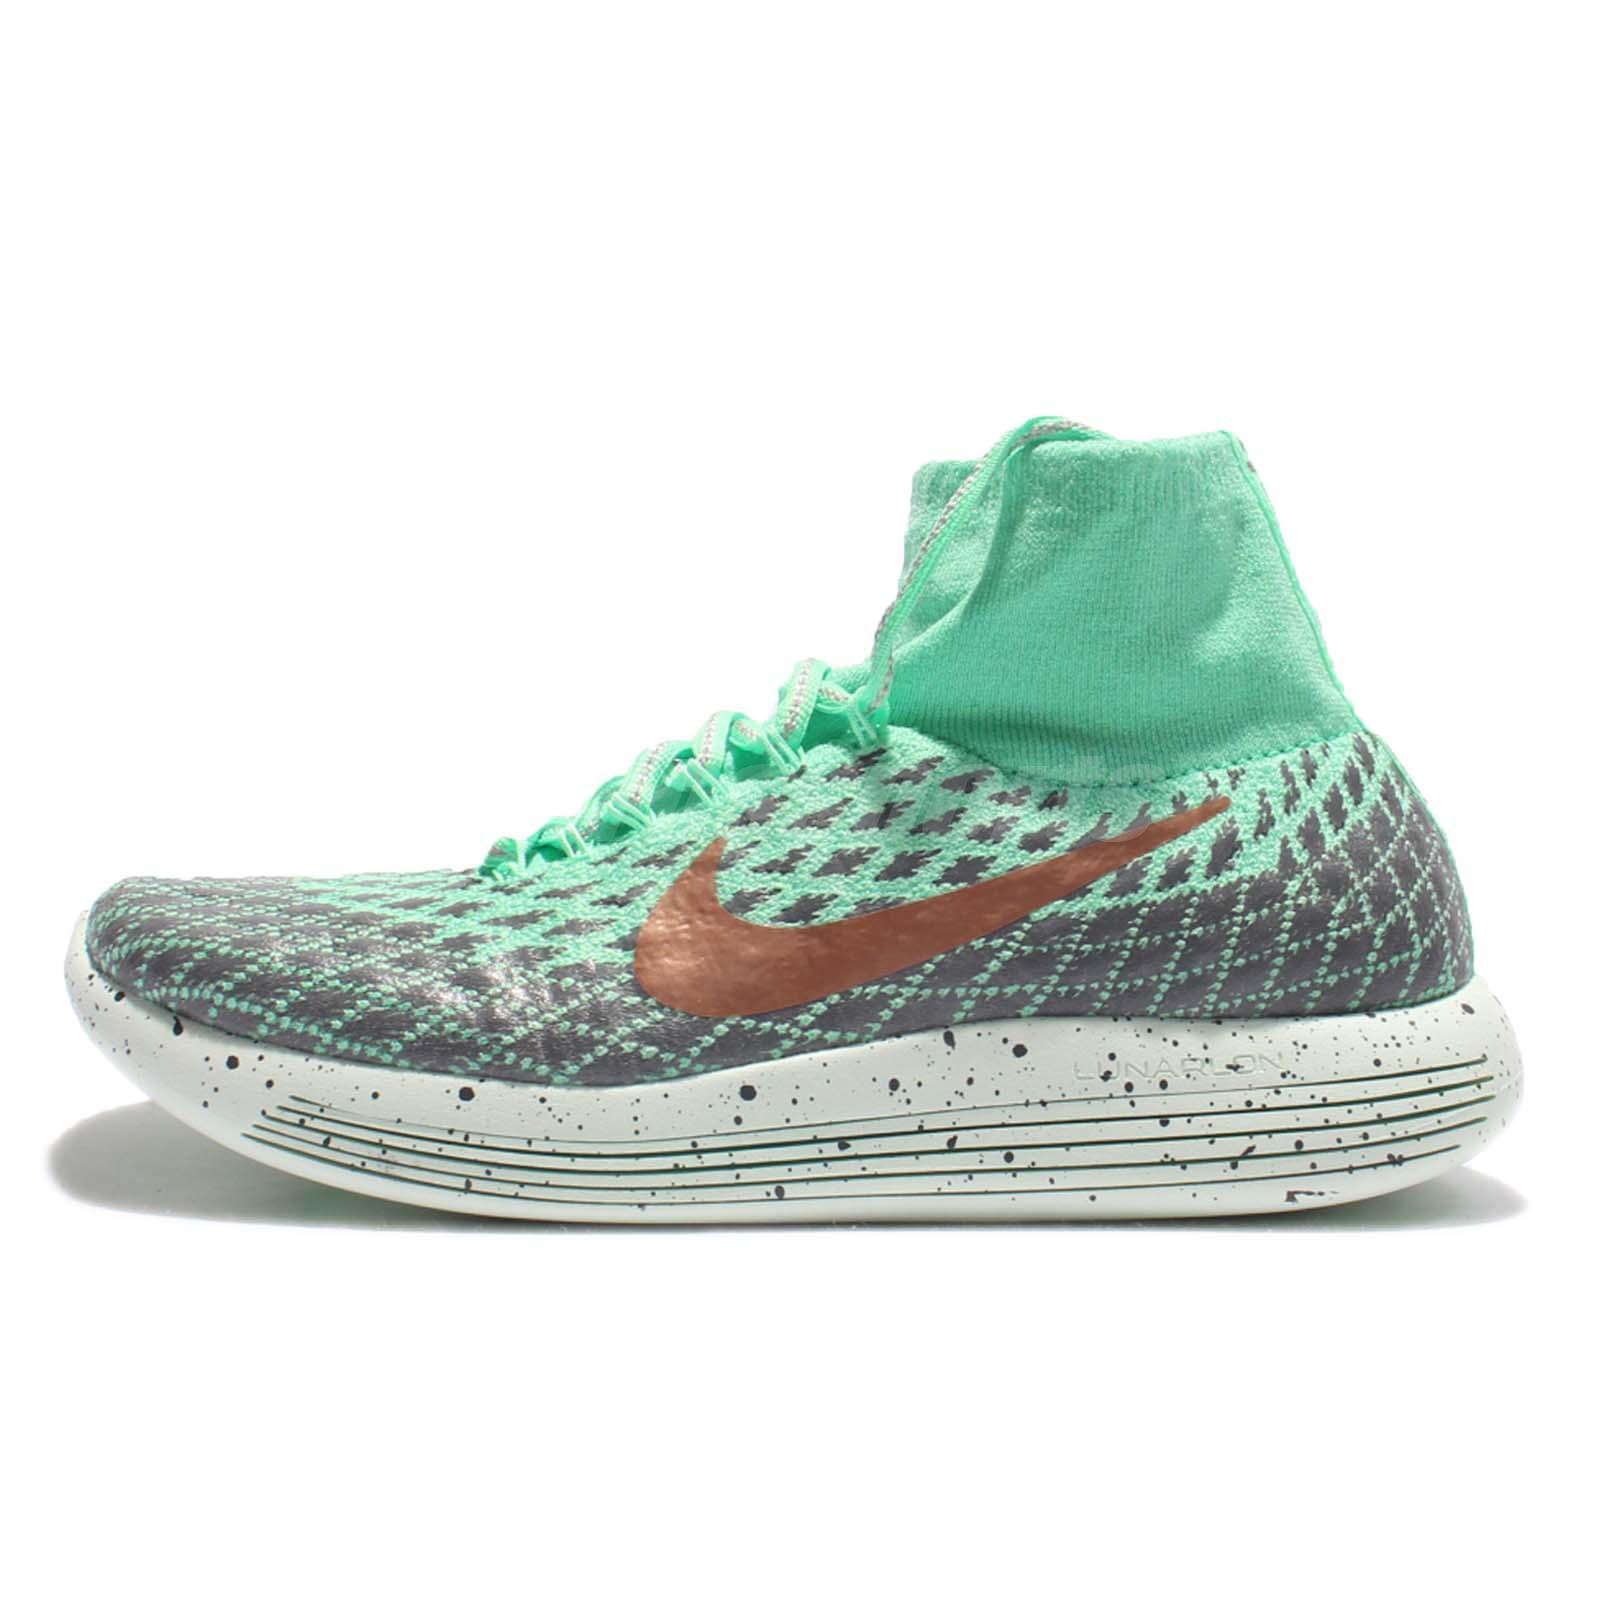 Wmns Nike Lunarepic Flyknit Shield WaterRepellent Green Women Shoes 849665300